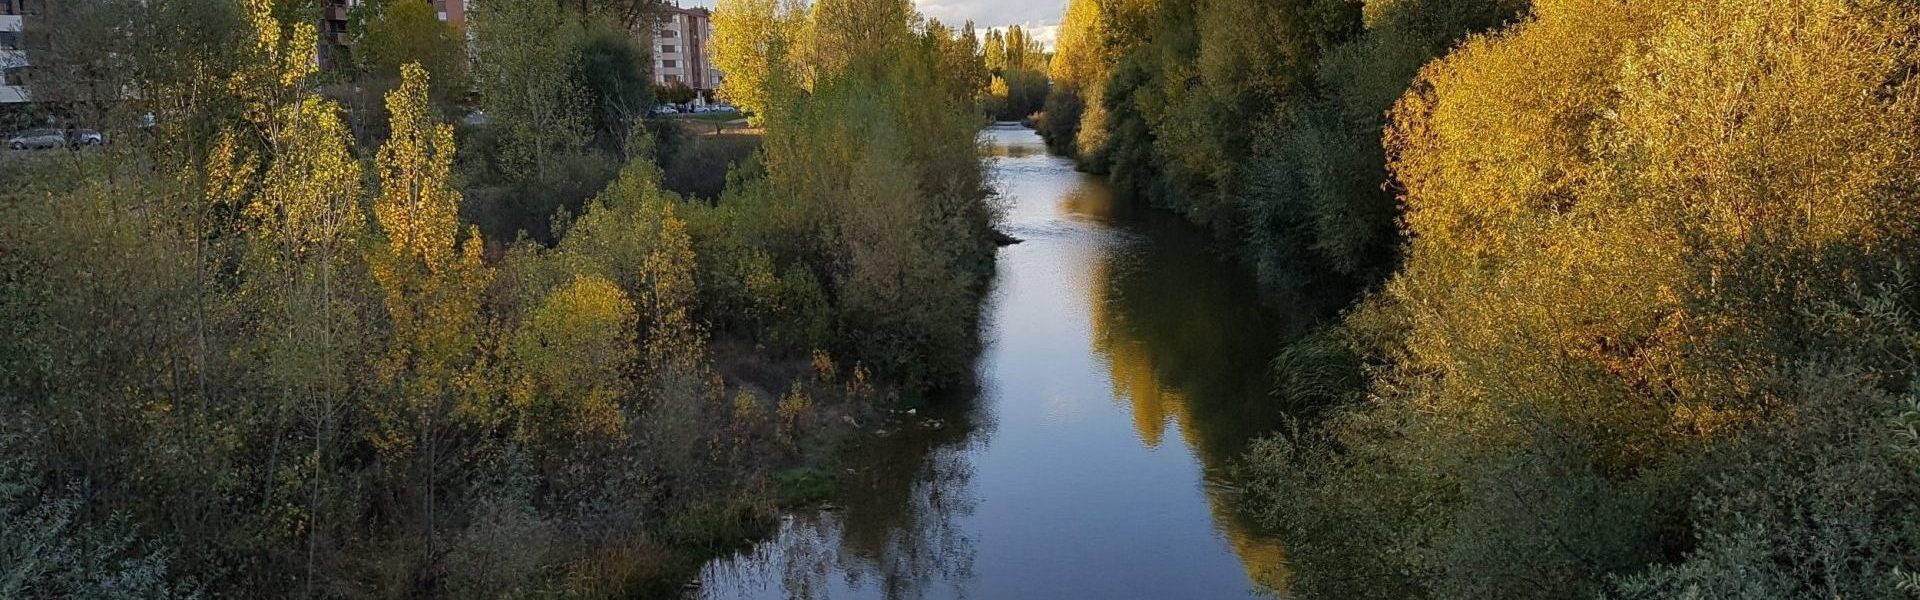 rio-bernesga-leon